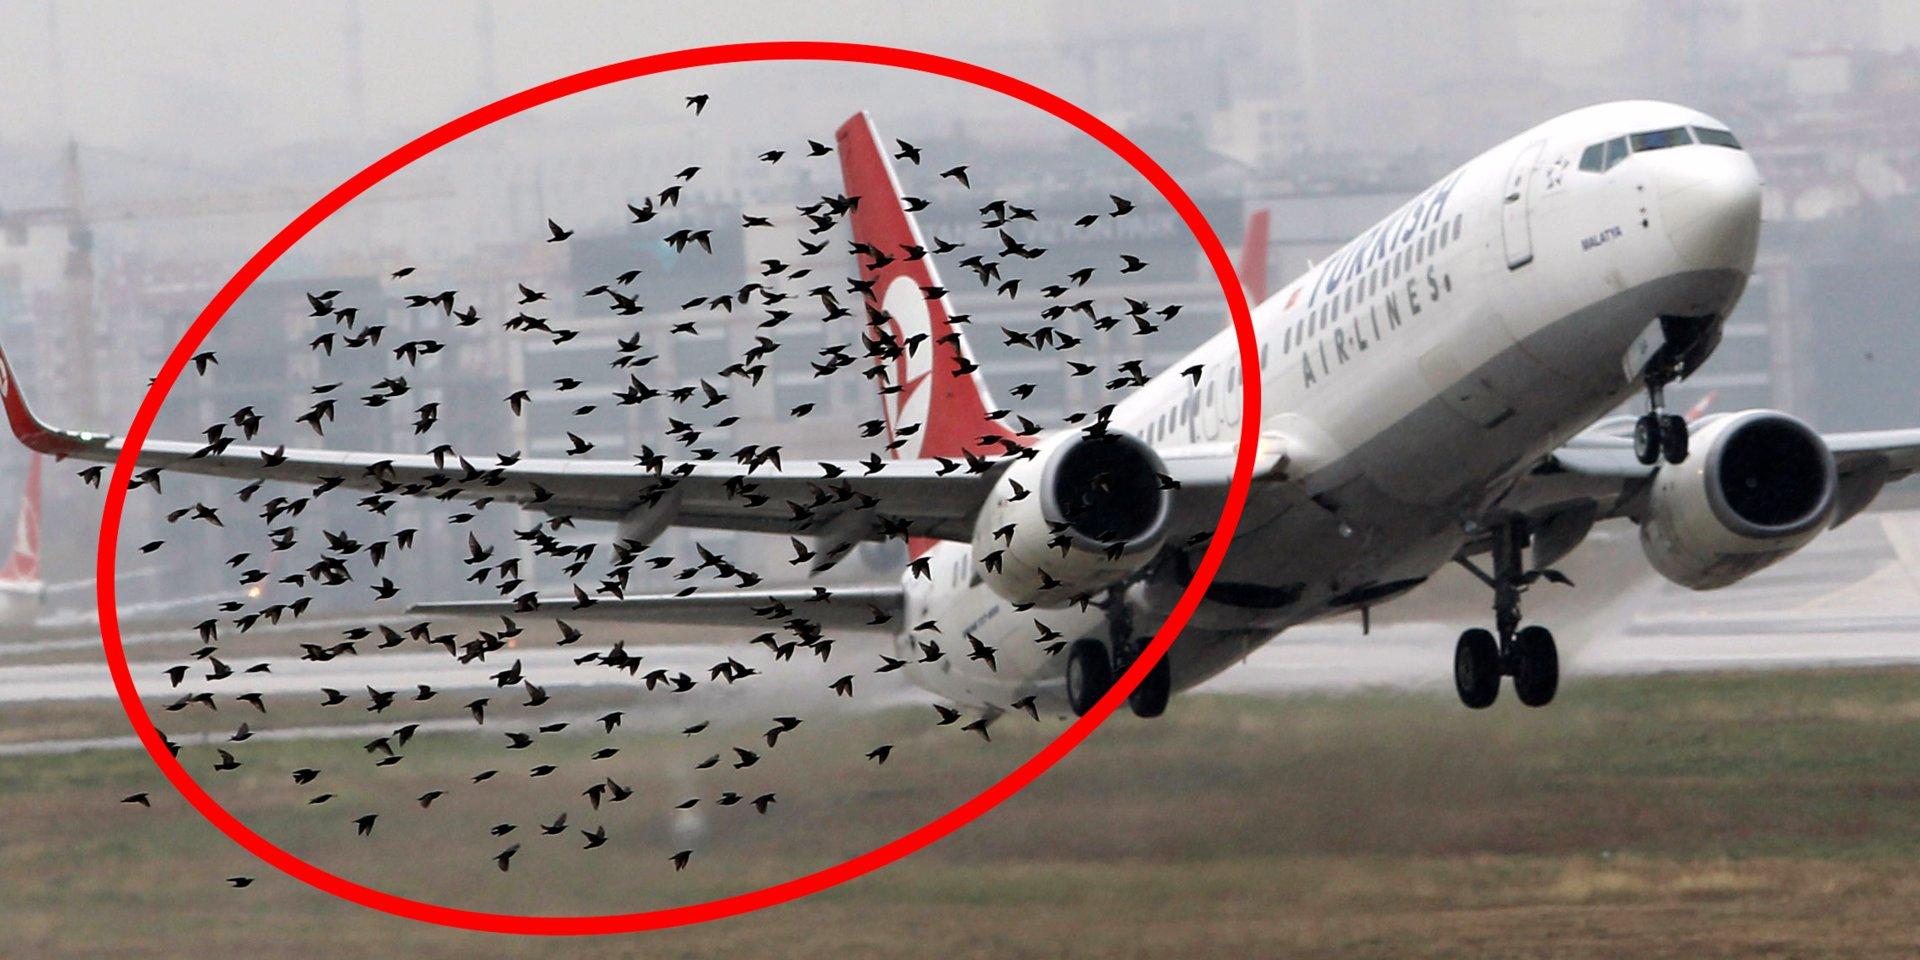 столкновение с птицами